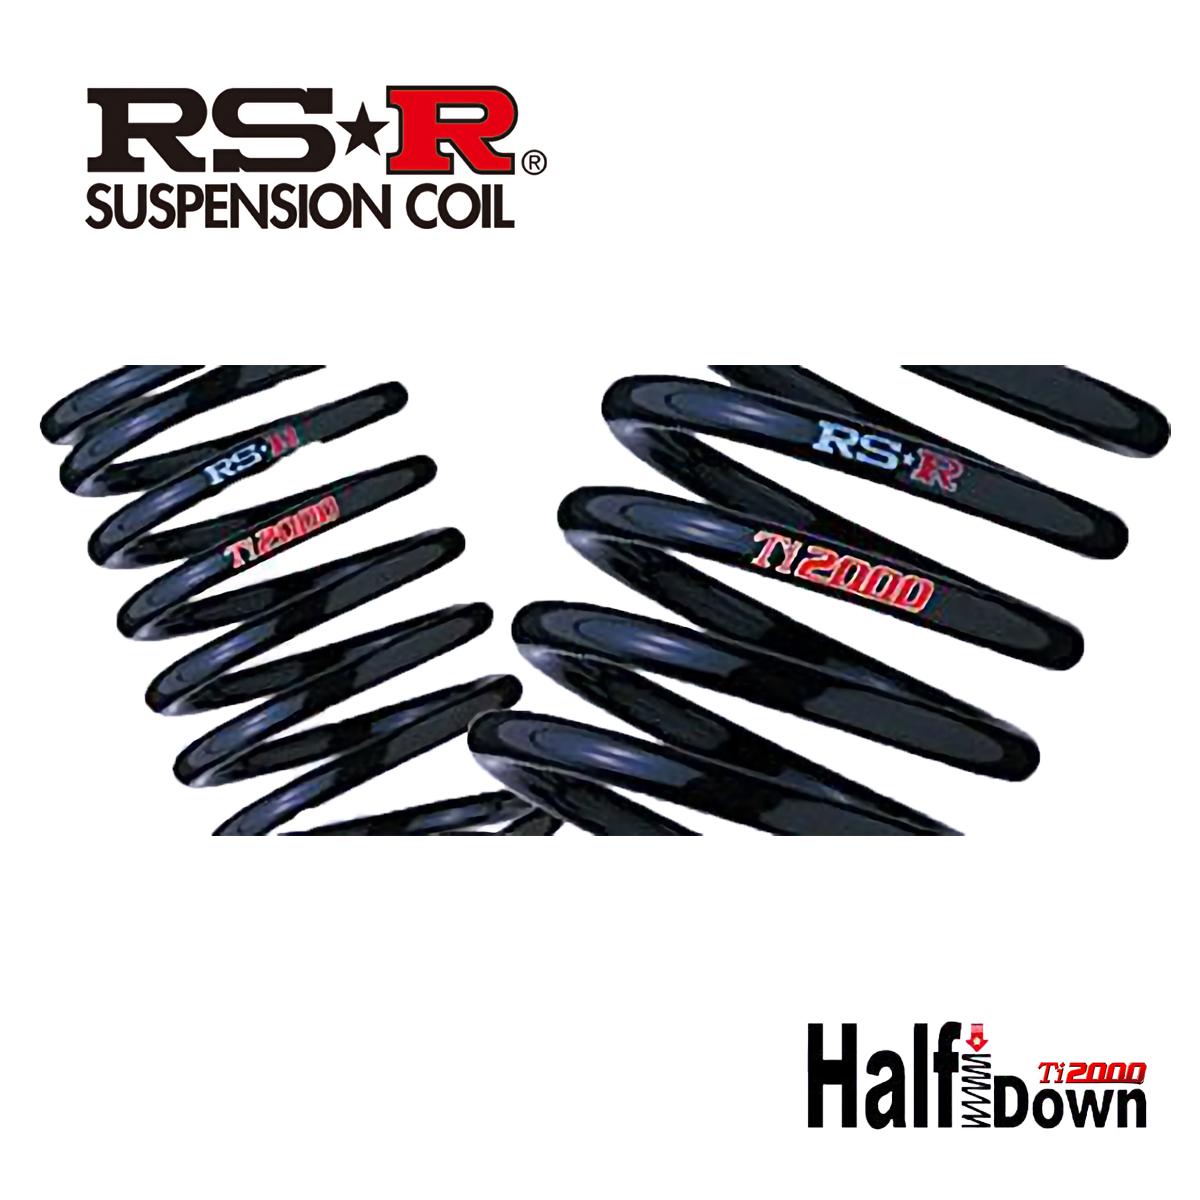 RS-R タント LA650S カスタムRS ダウンサス スプリング 1台分 D401THD Ti2000 ハーフダウン RSR 個人宅発送追金有